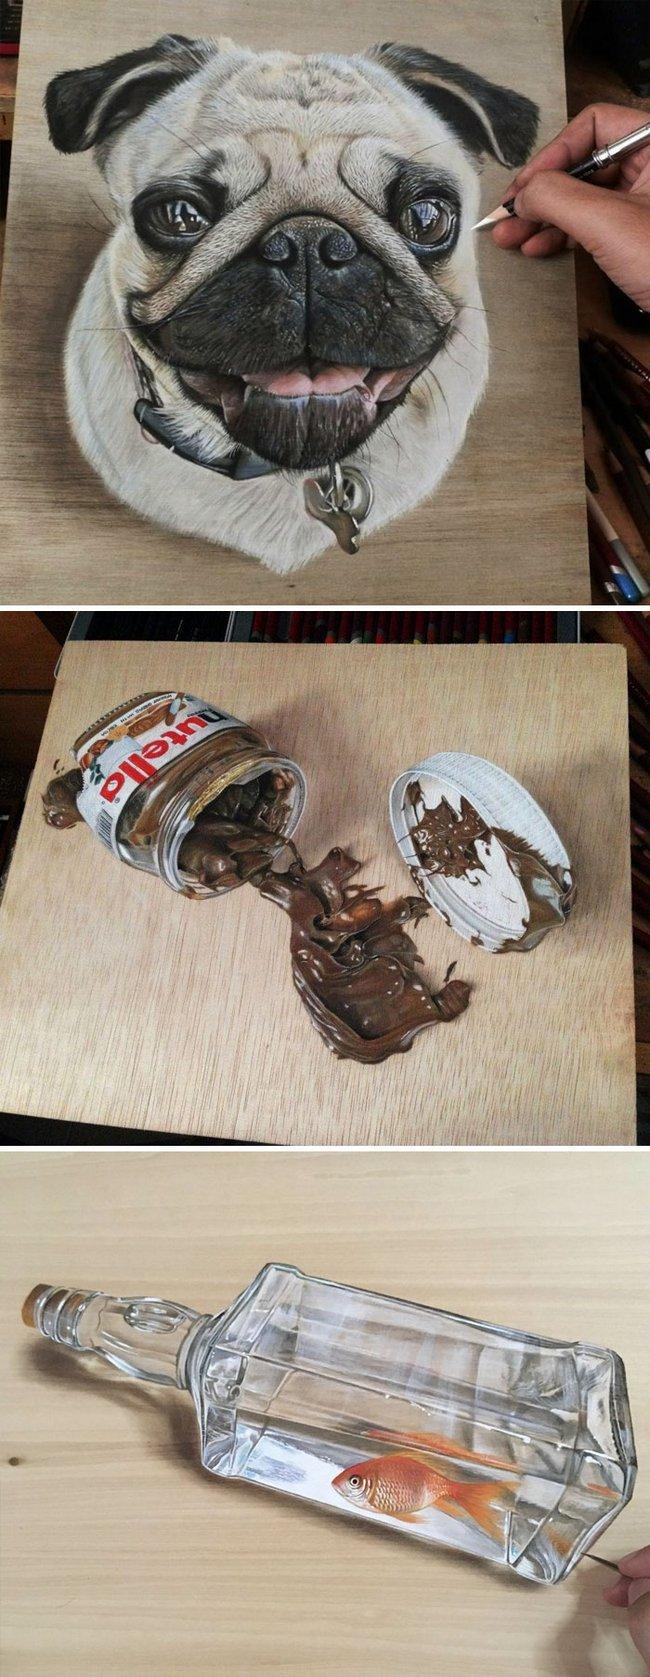 pinturas-que-se-parecem-com-fotos-3